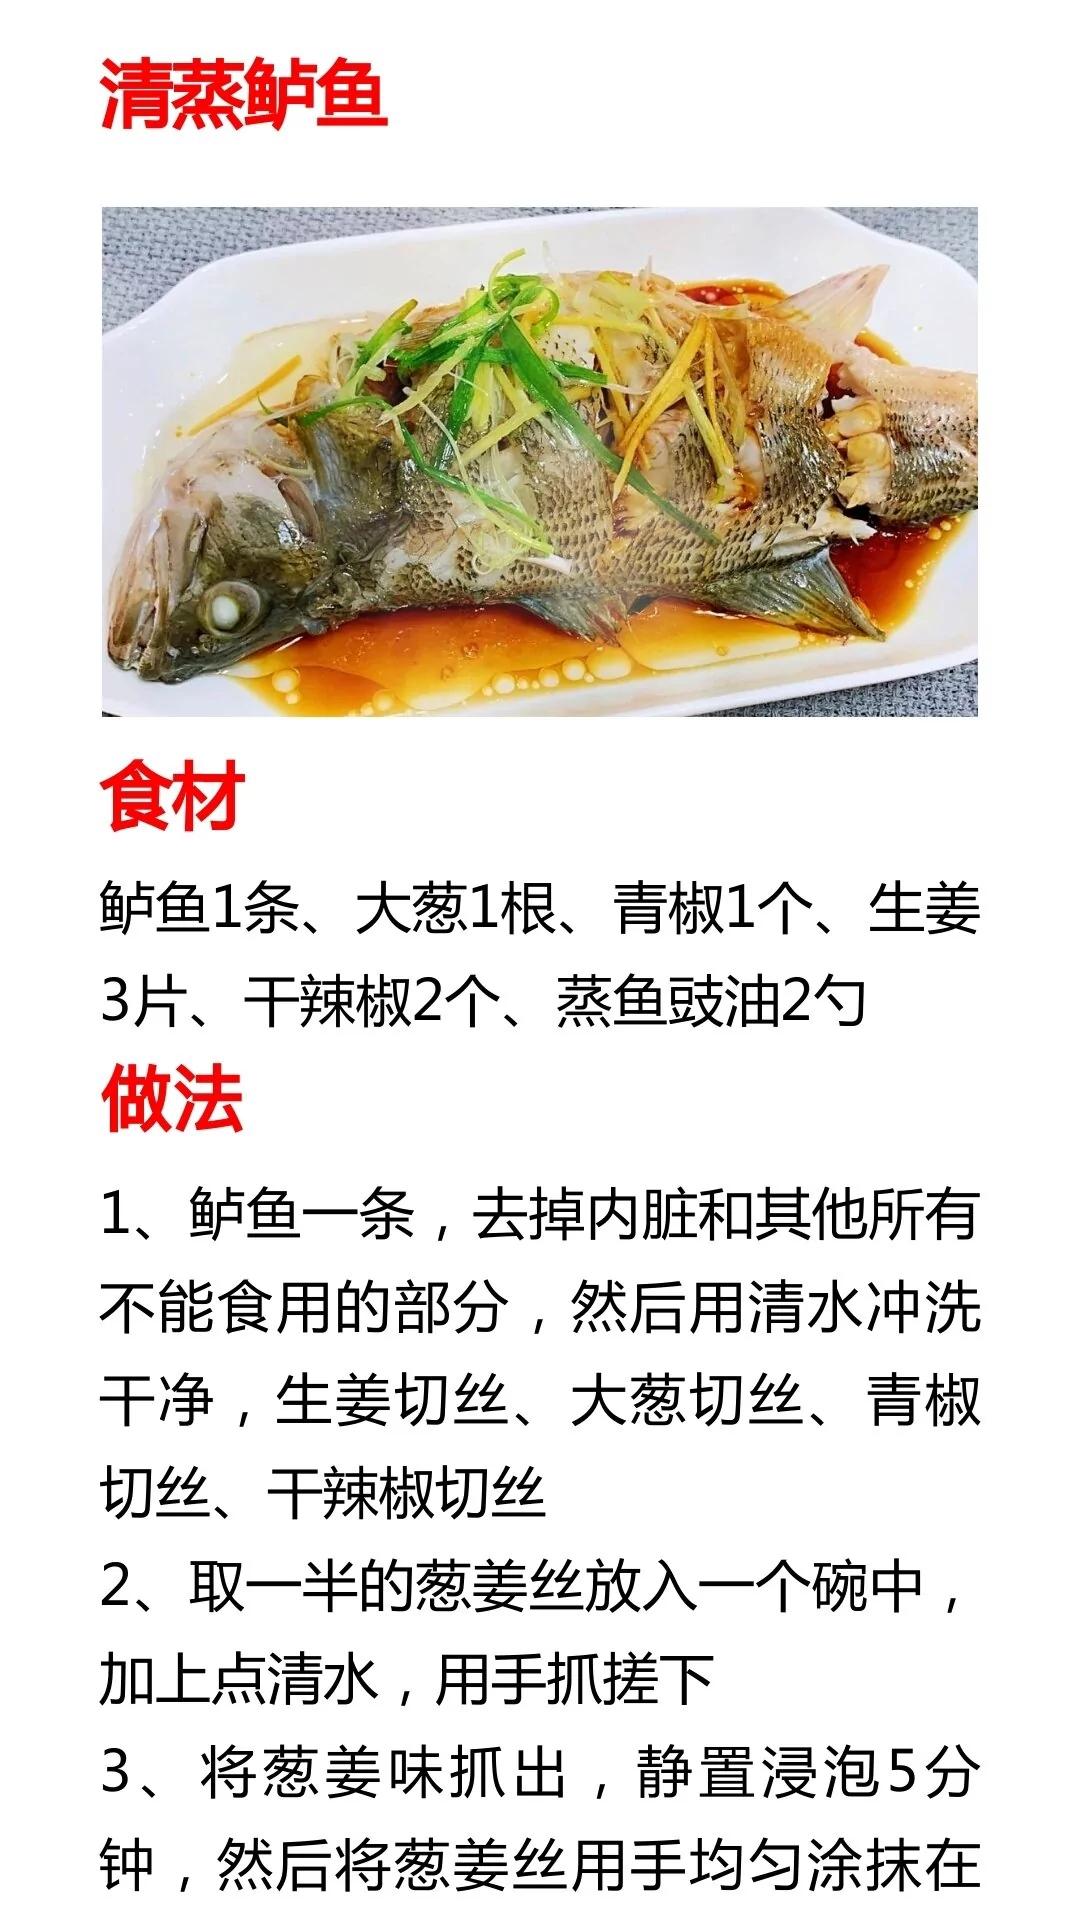 家常鱼肉菜单做法大全!鱼的做法教程 美食做法 第10张